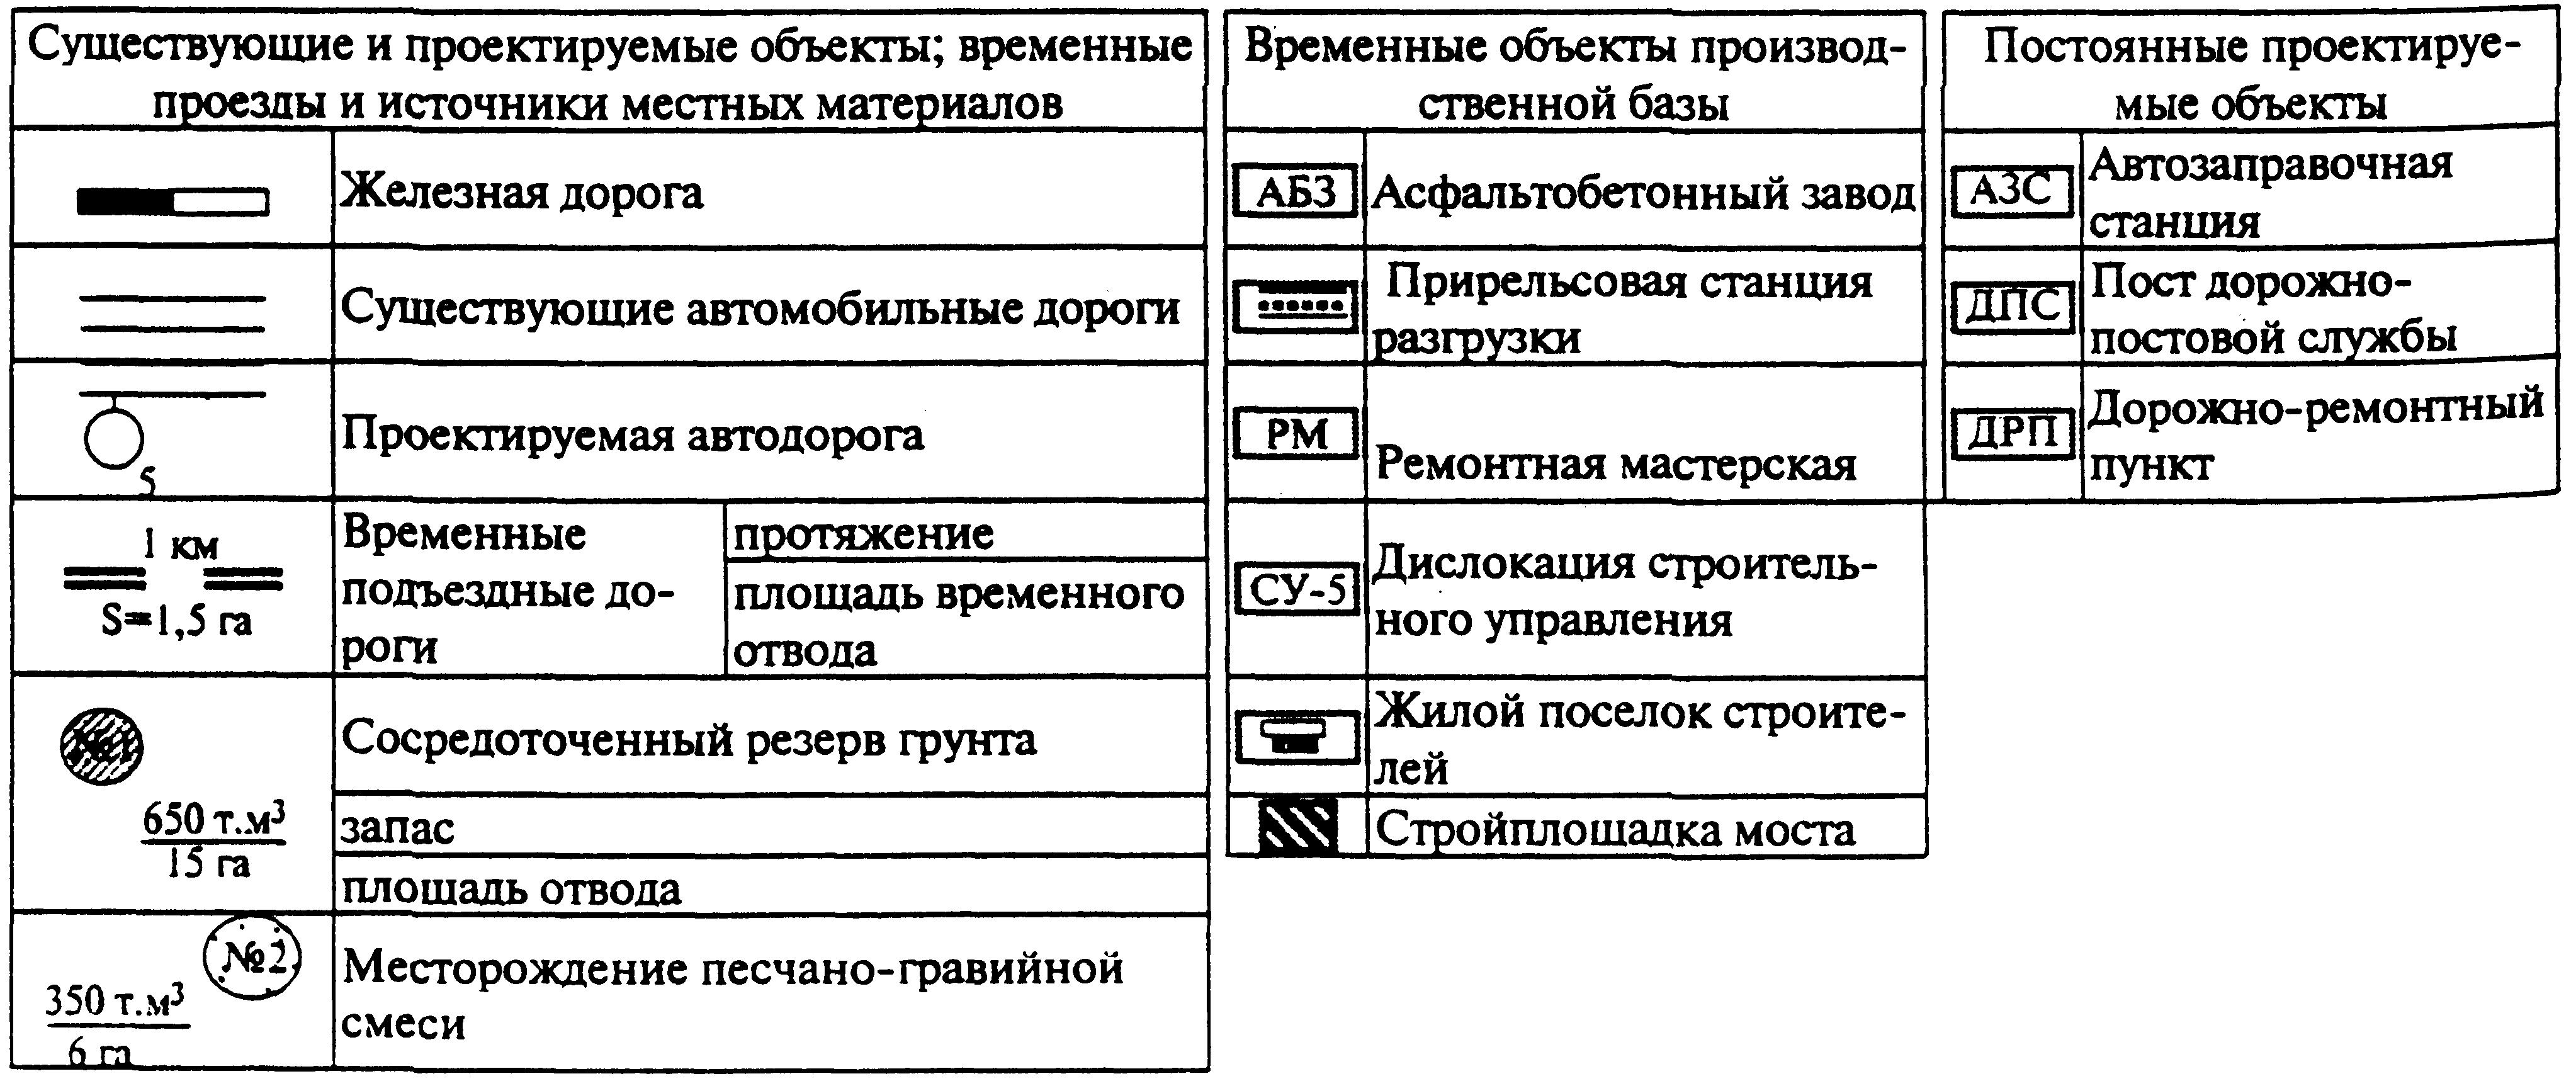 Проектирование организации строительства и производства работ реферат 3794